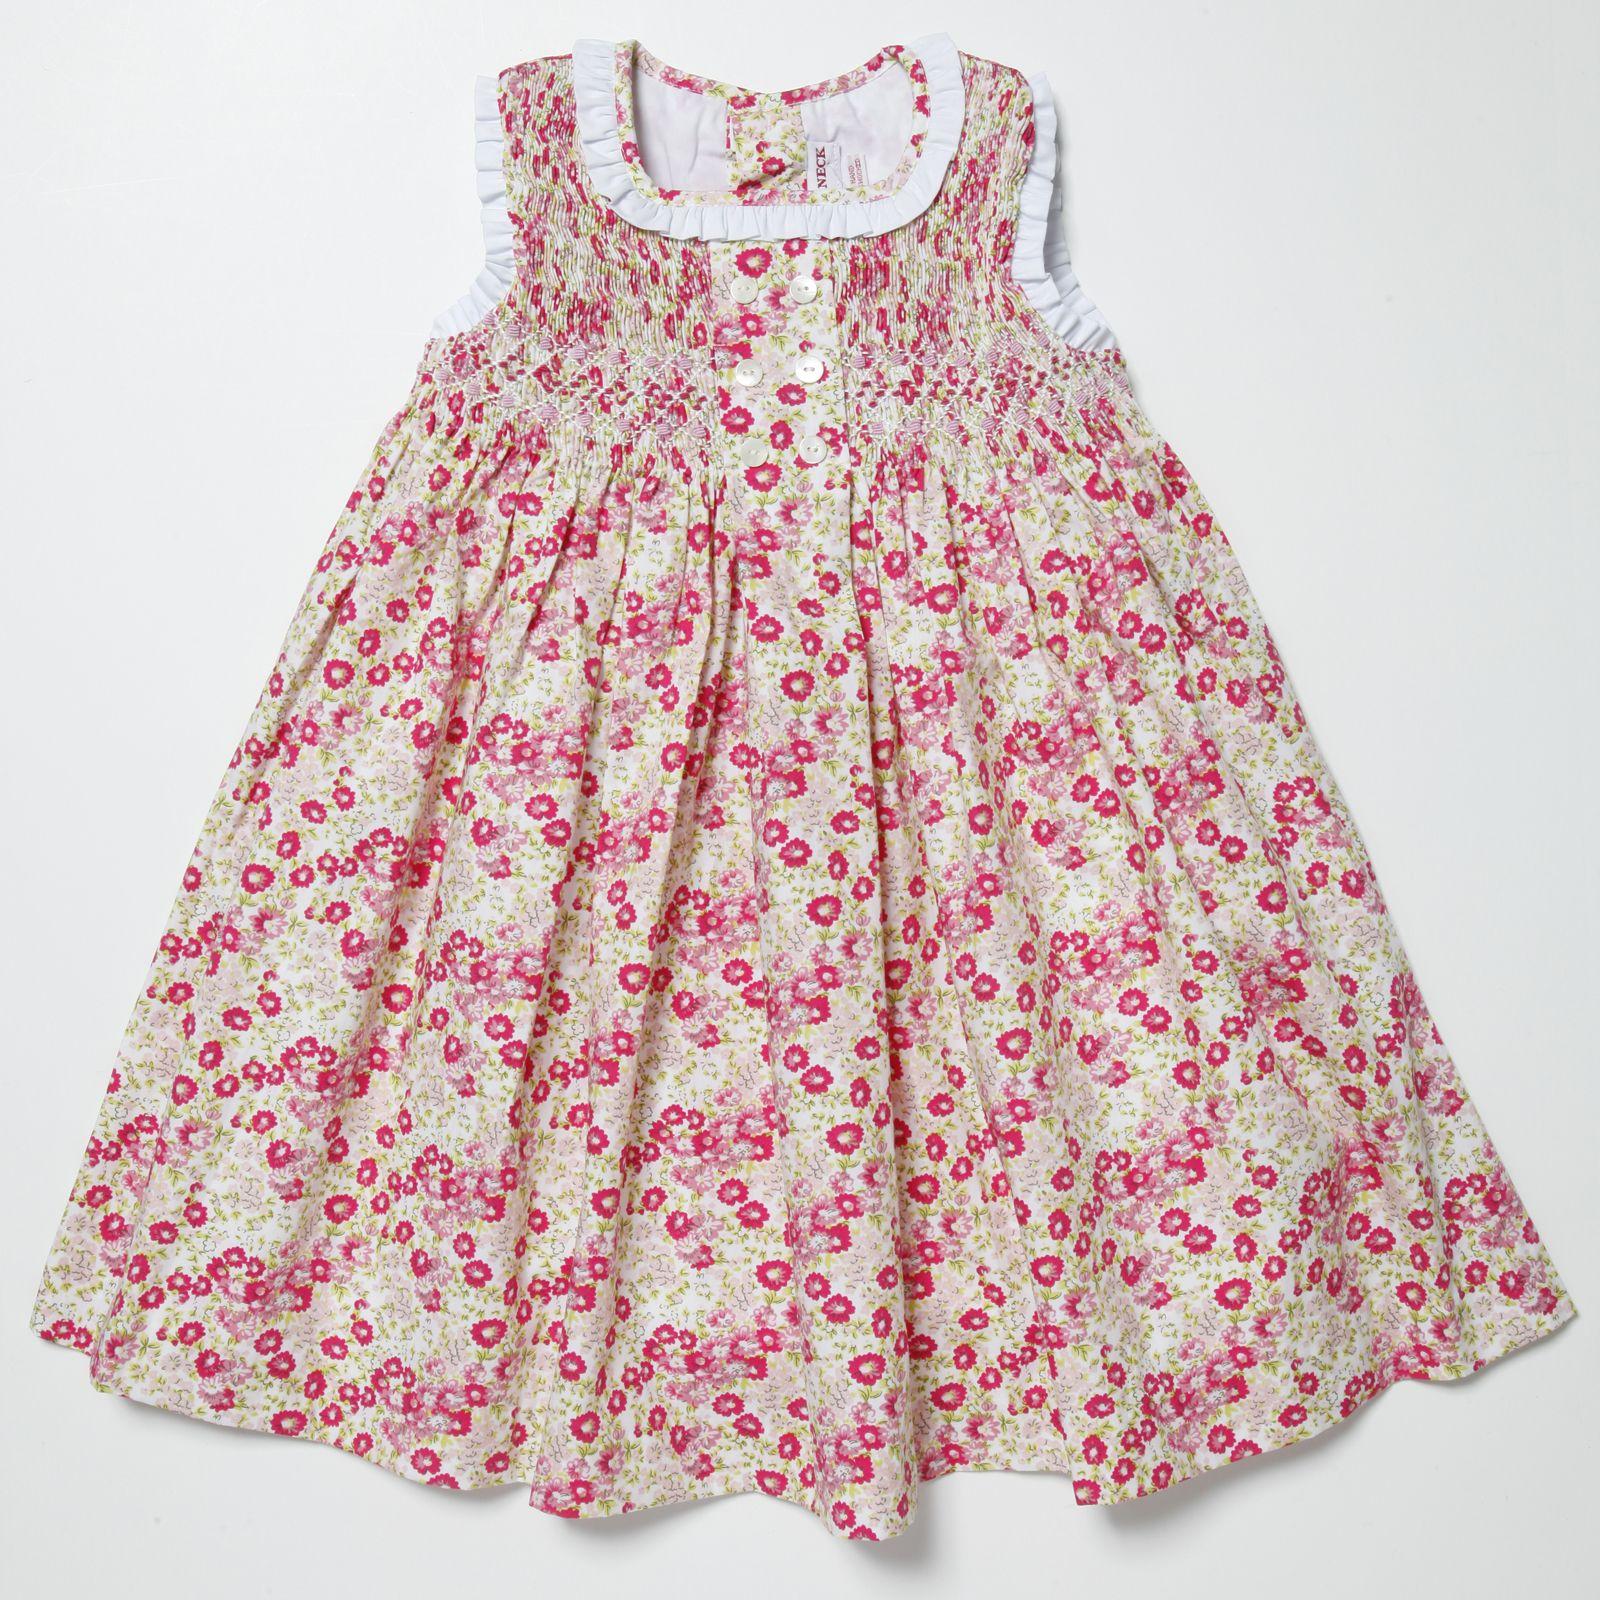 Pin de OSKR R. en kids style | Pinterest | Rebajas, Los vestidos y Senda